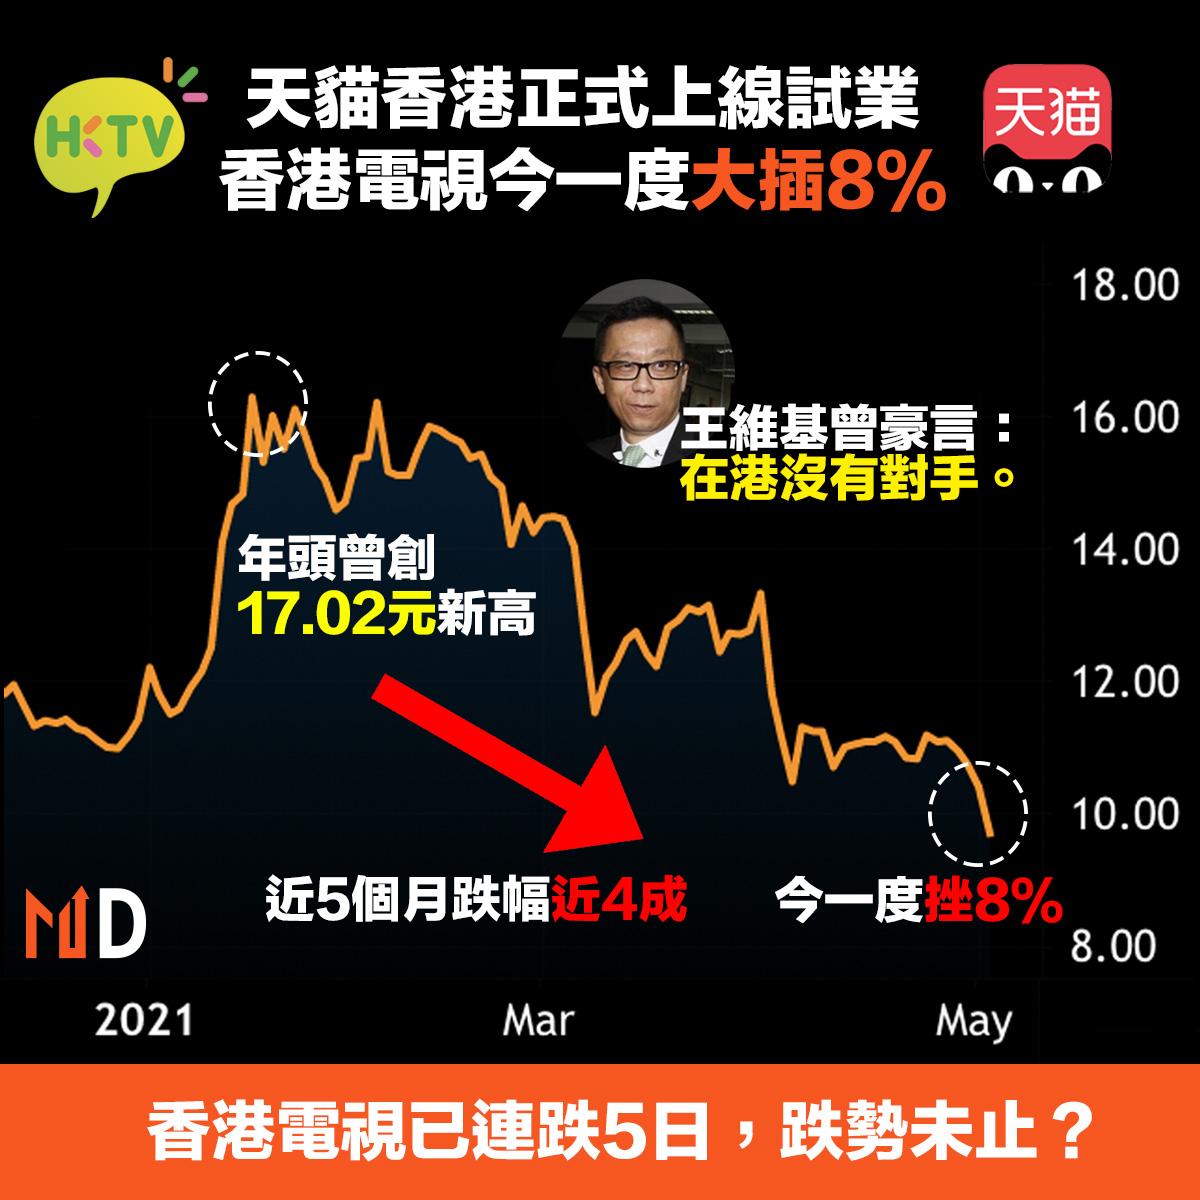 【市場熱話】天貓香港上線令香港電視連跌5日,王維基曾豪言「在港沒有對手」?